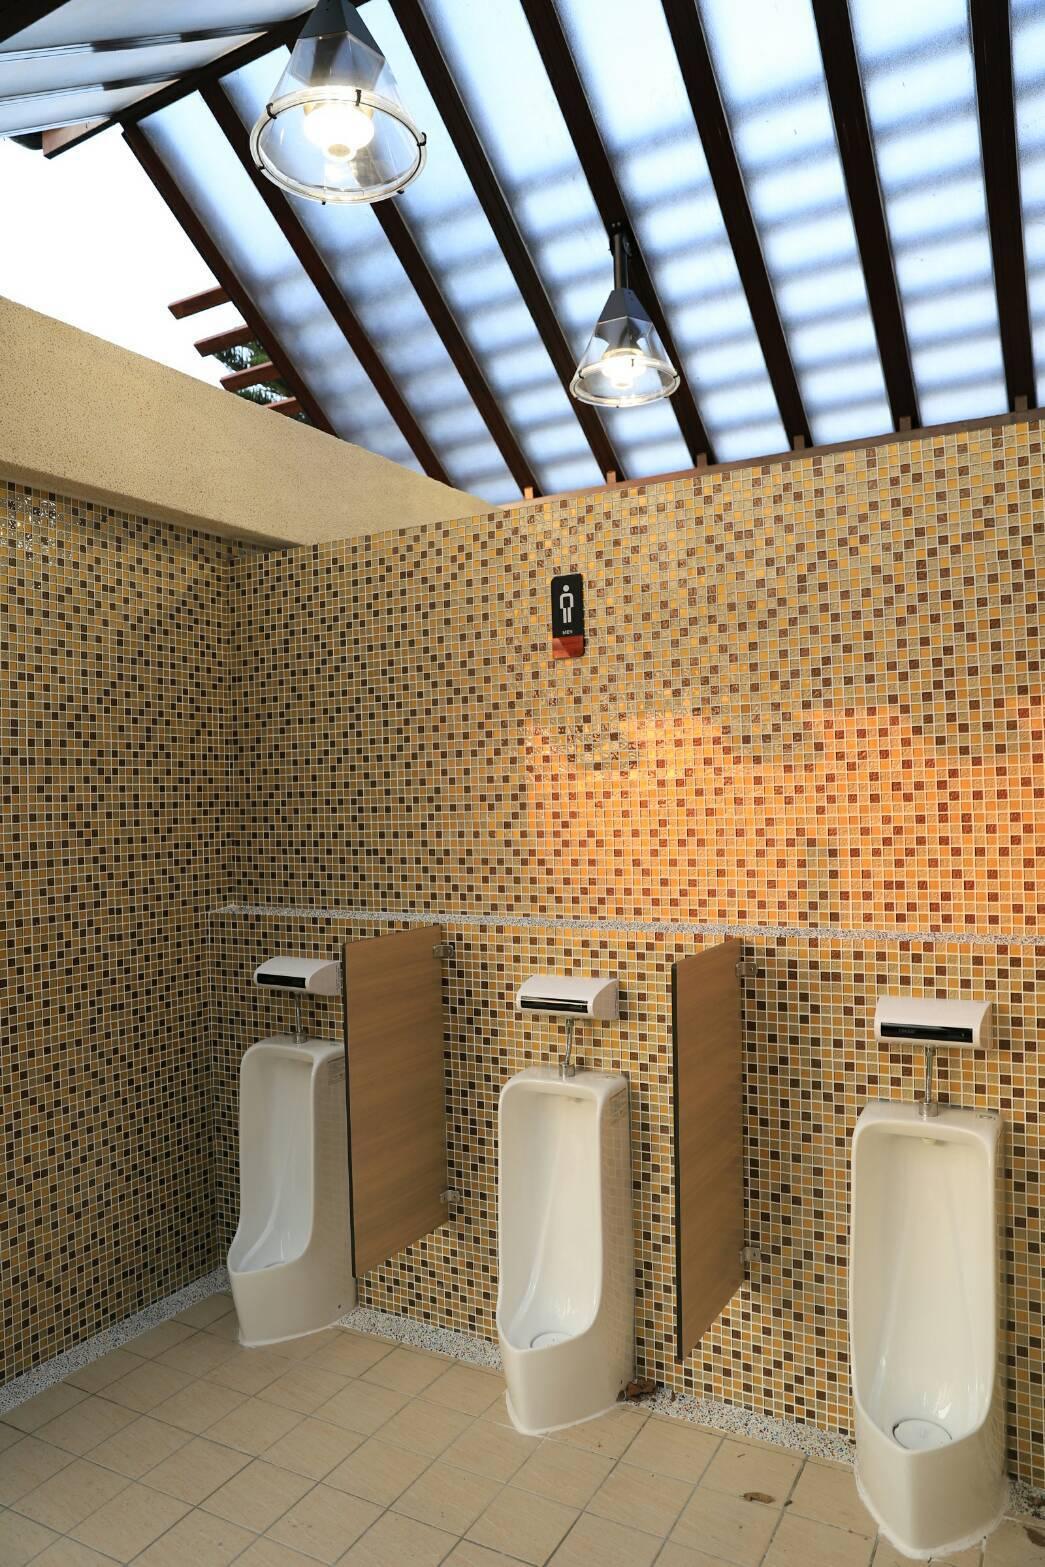 中壢青塘園打造五星級公廁,男廁空間煥然一新,還有挑高採光。圖/市府提供